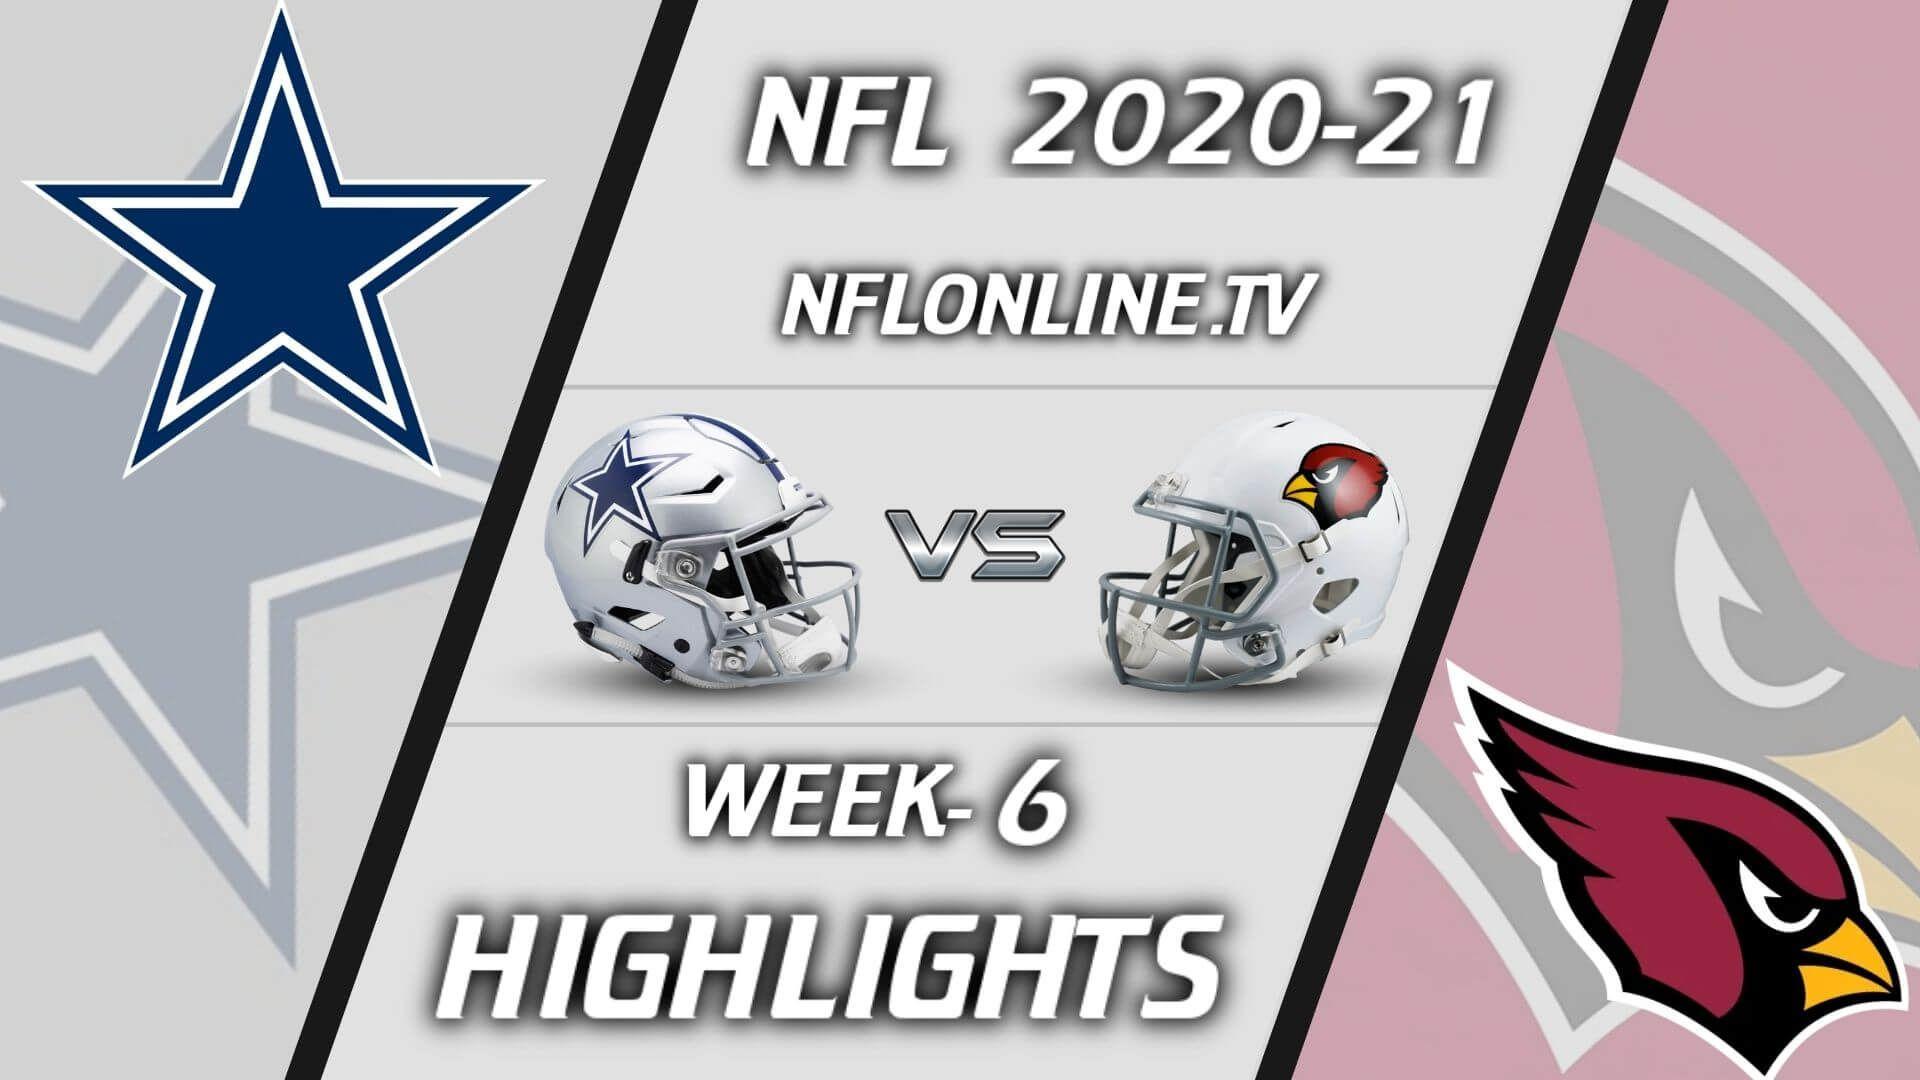 Dallas Cowboys Vs Arizona Cardinals Highlights 2020 Week 6 Full Game Replay Cowboys Vs Cardinals Nfl Highlights Cowboys Vs